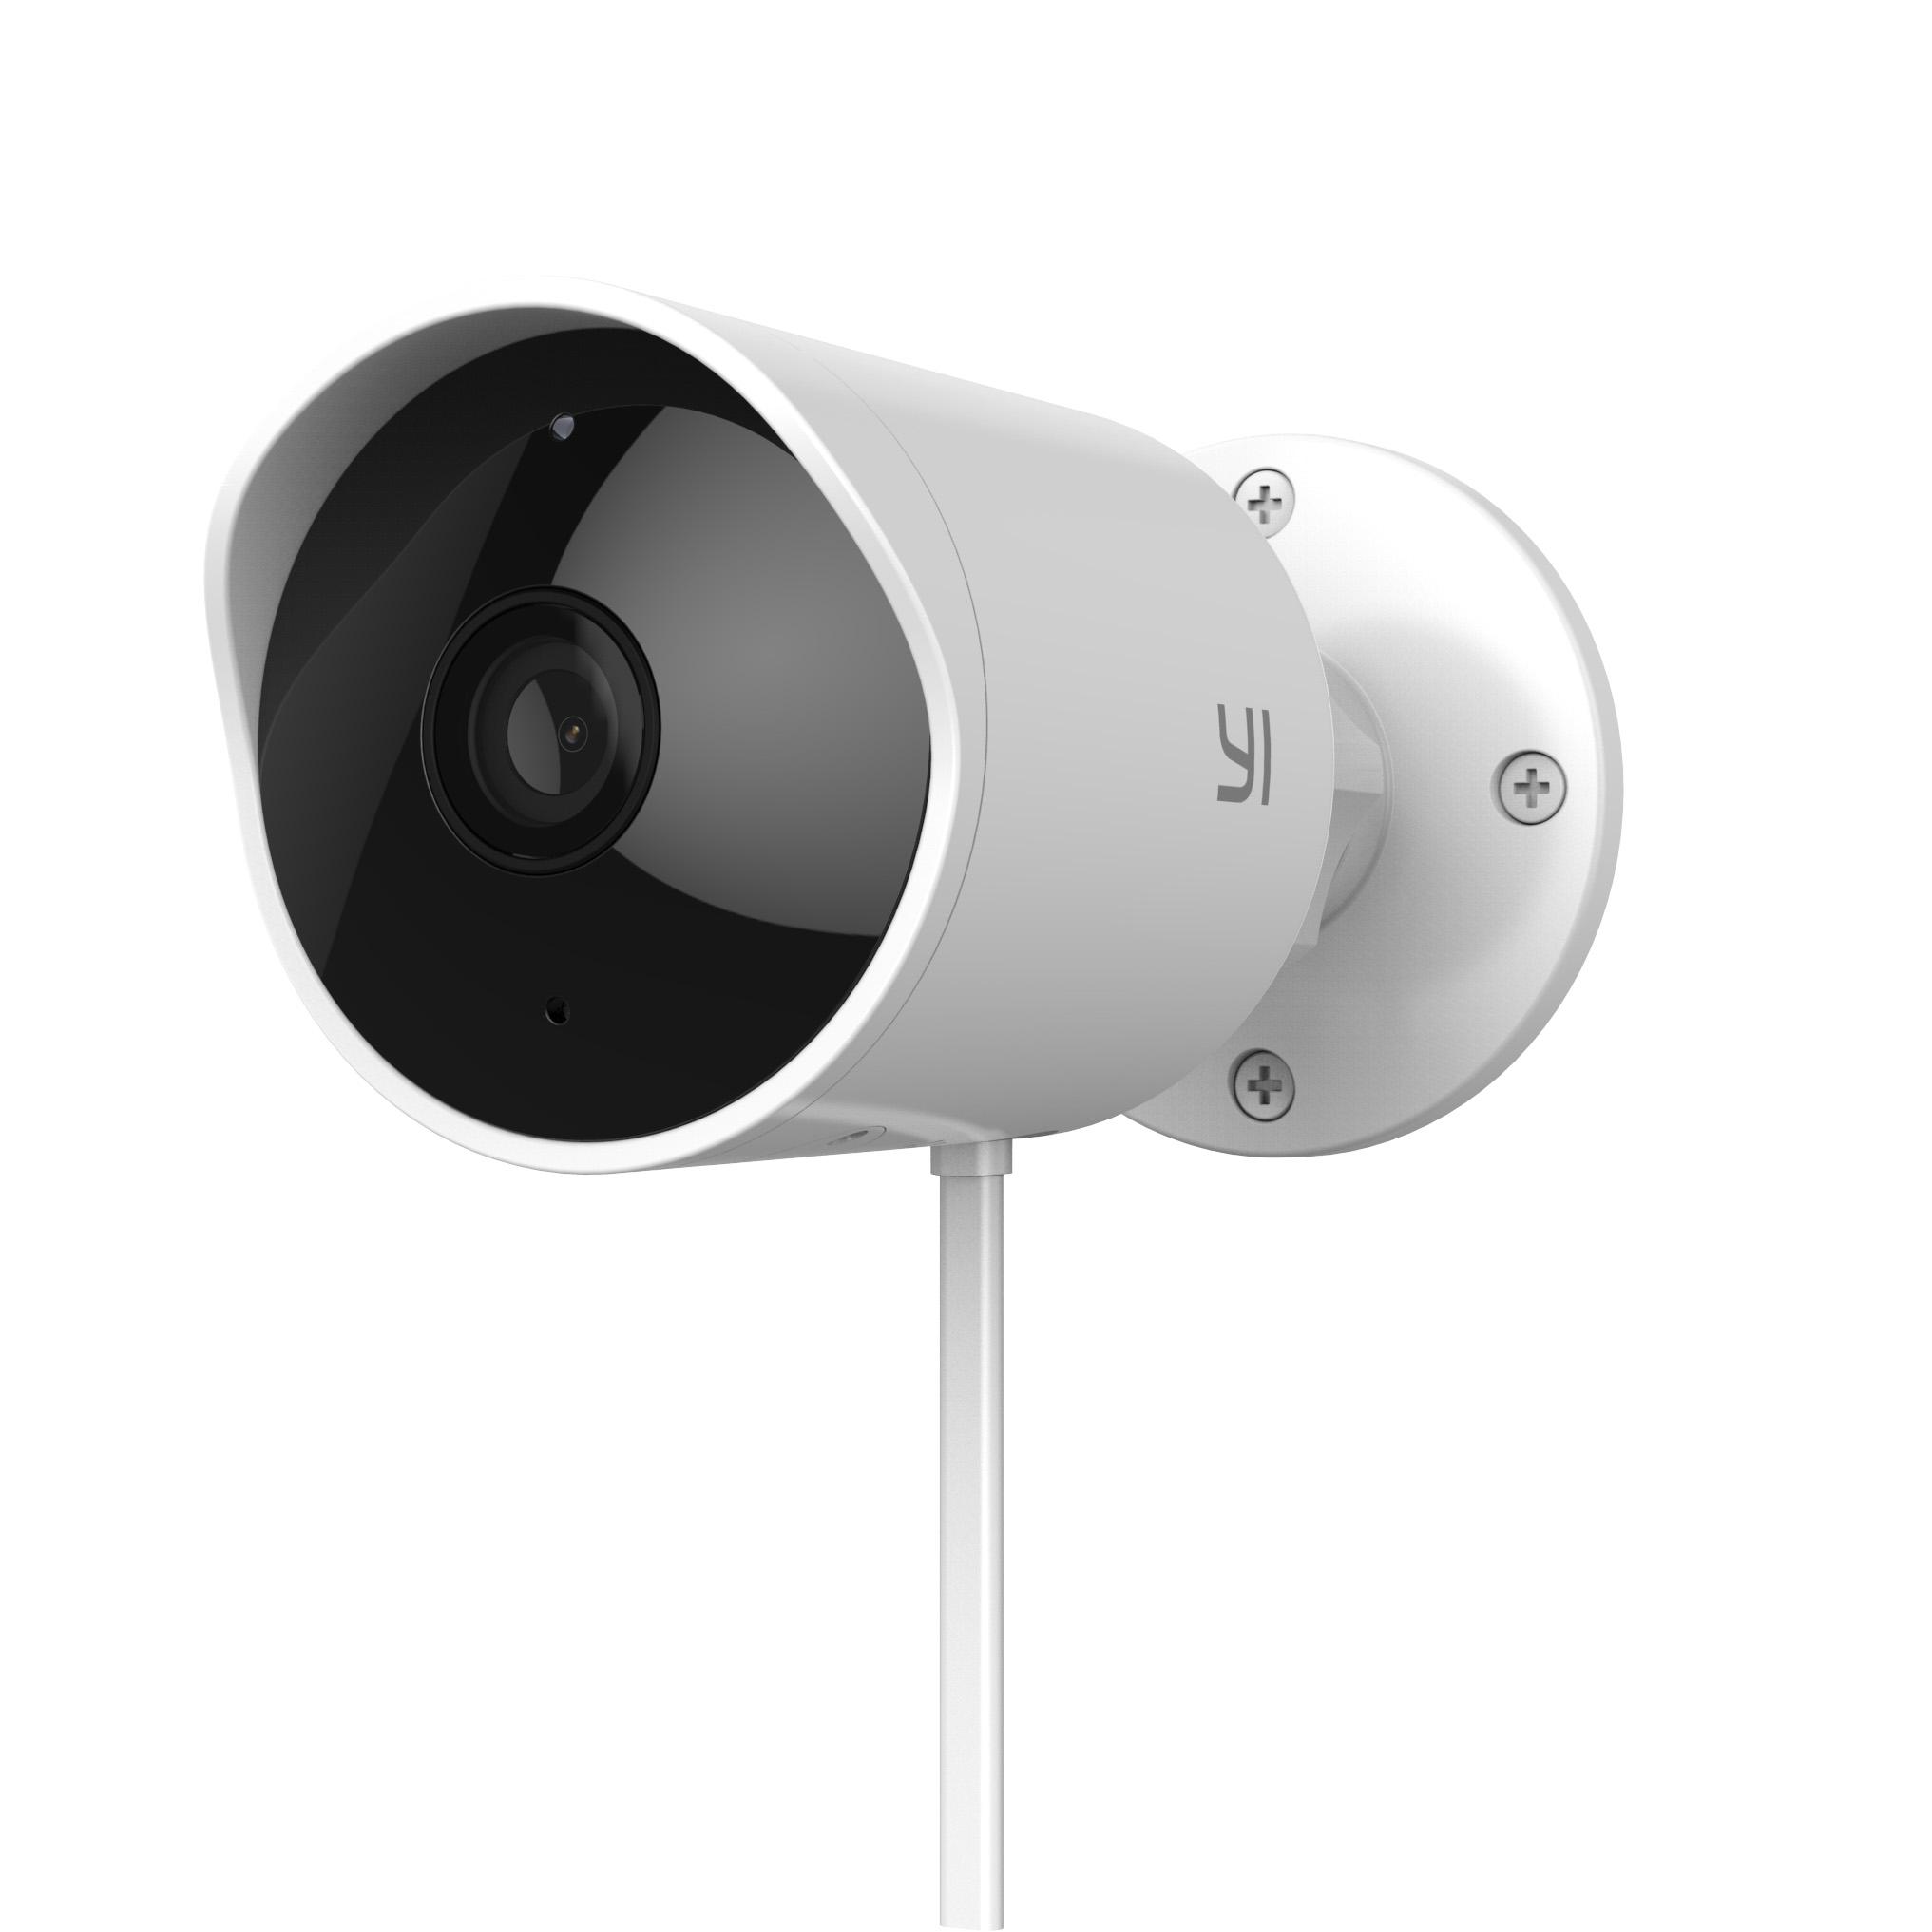 Xiaomi Yi Outdoor Camera Wayteq Europe